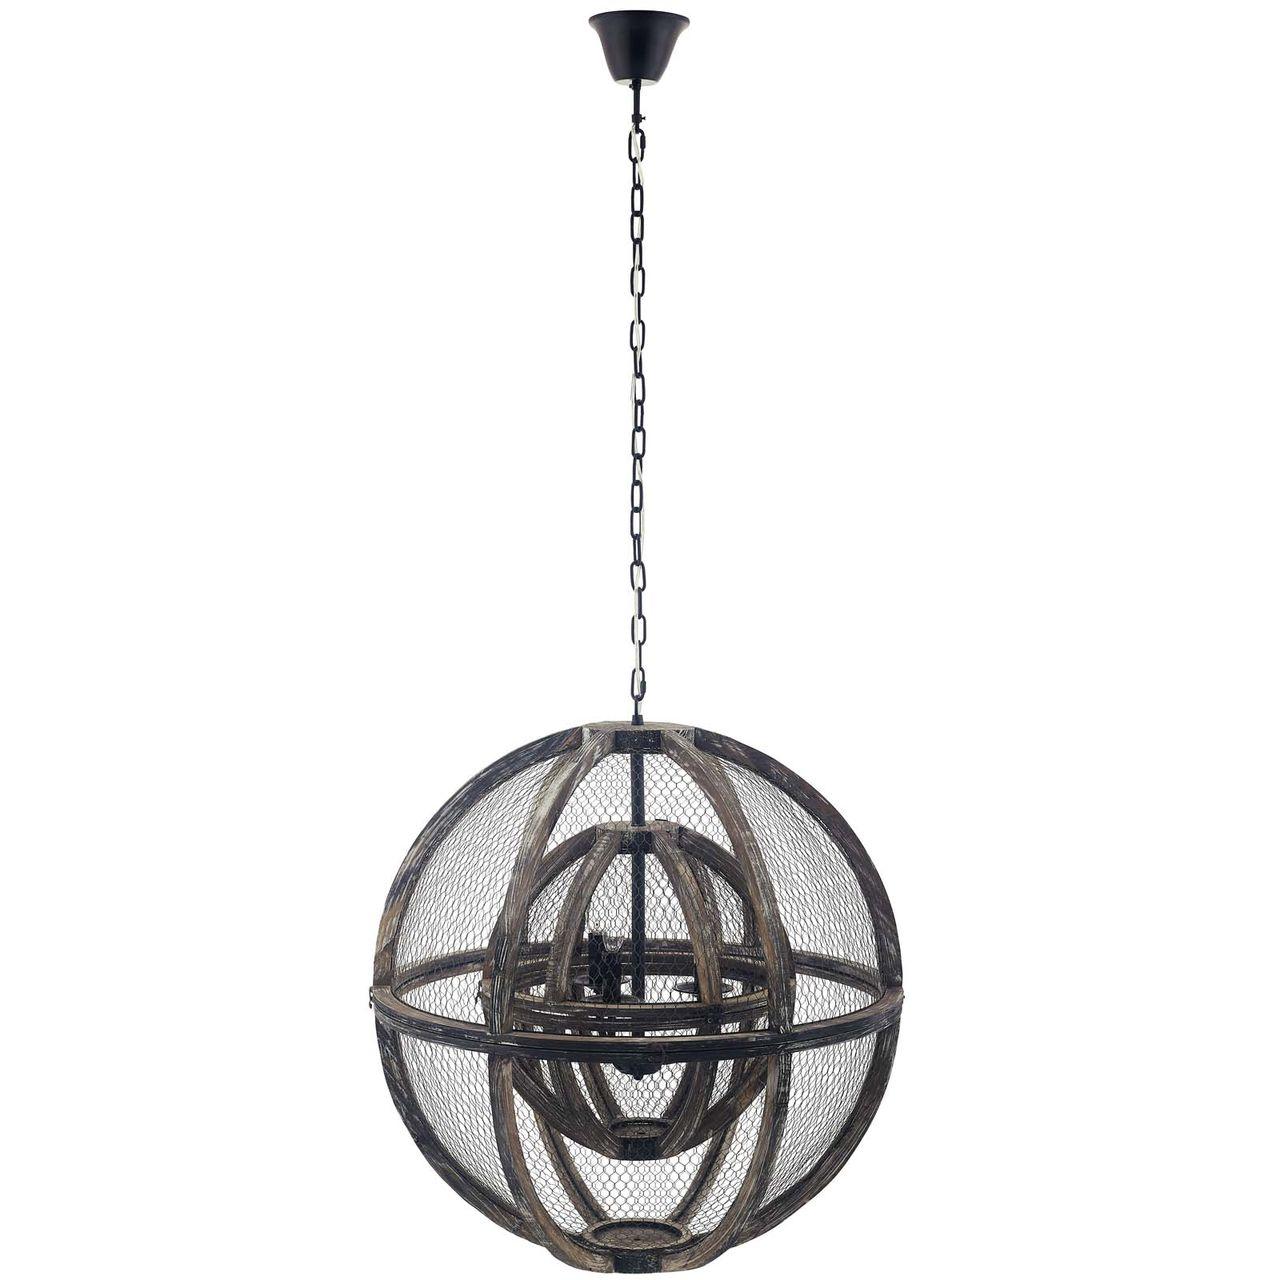 Modway Gravitate Globe Rustic Oak Wood Pendant Light Chandelier